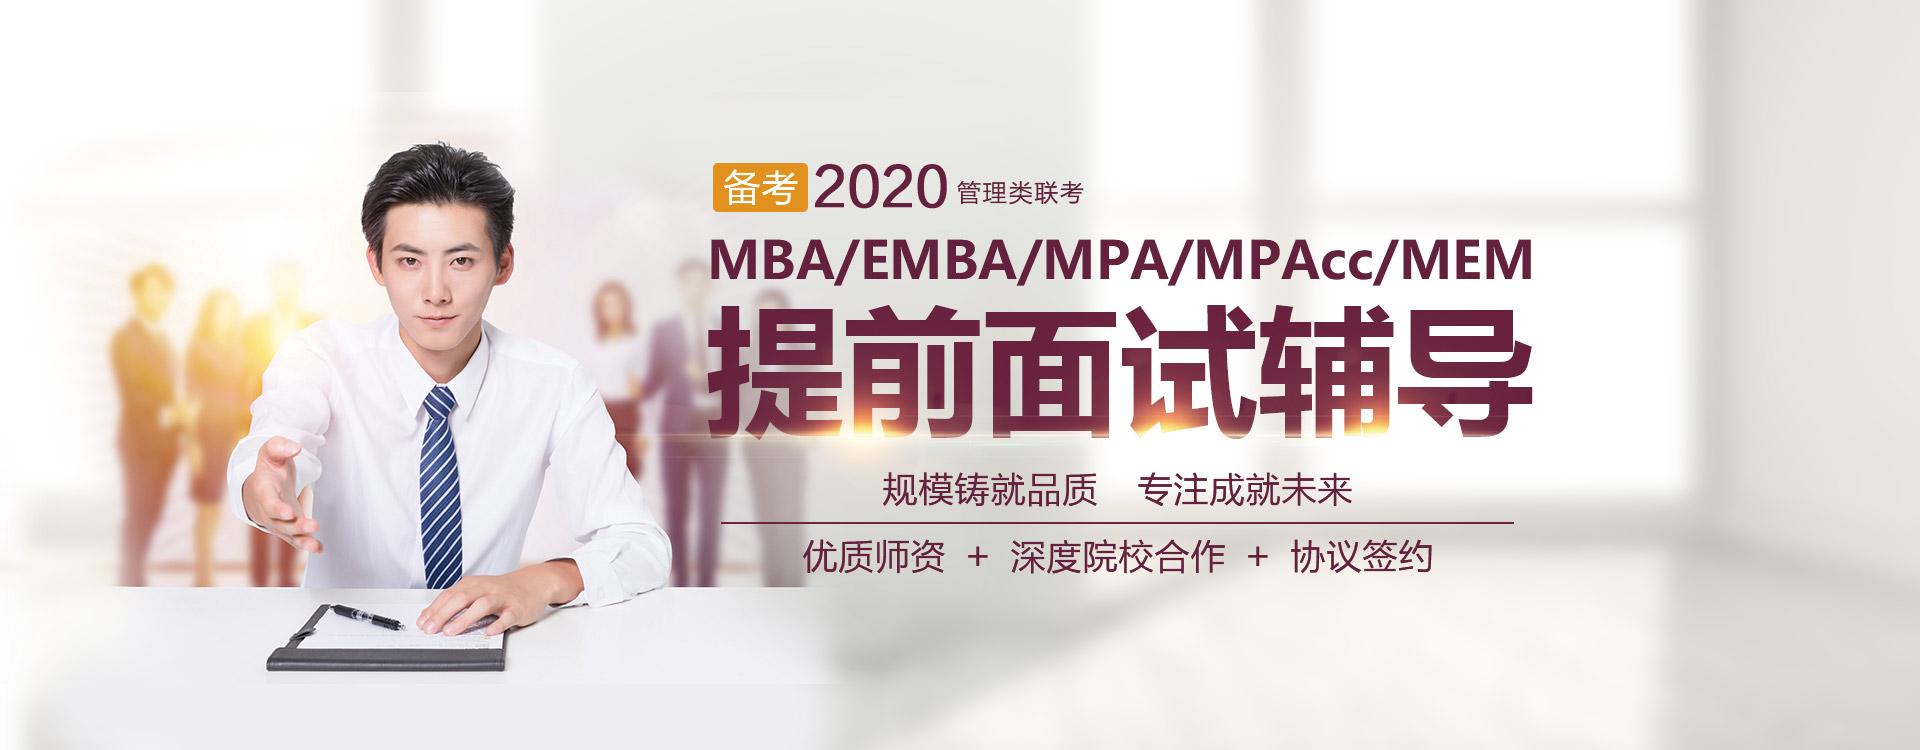 江苏泰祺备考2018年MBA/MPA/MEM/MPAcc复试班 招生简章